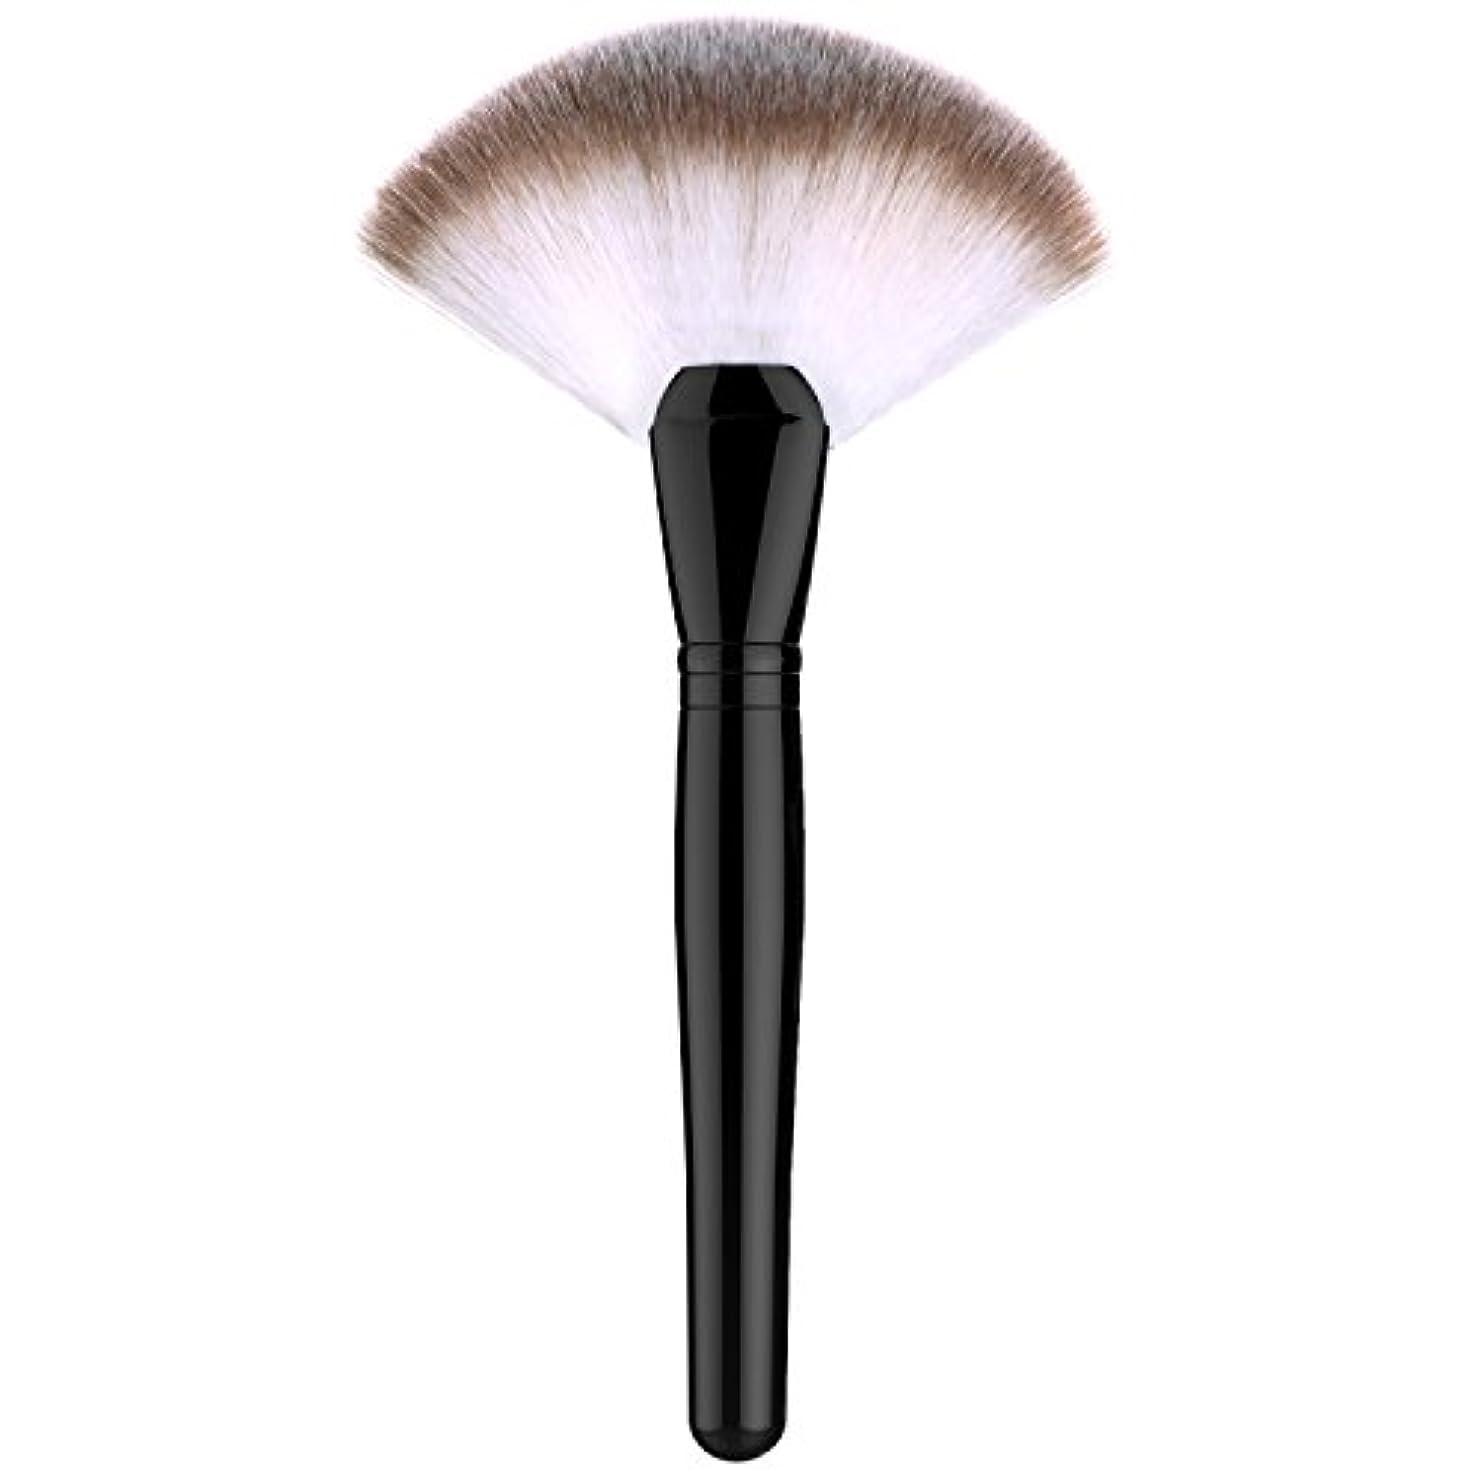 鏡パドル義務的ファンデーションブラシ - Luxspire 扇形 メイクブラシセット 化粧筆 コスメブラシ 繊細な人工毛 毛質やわらかい 肌に優しい